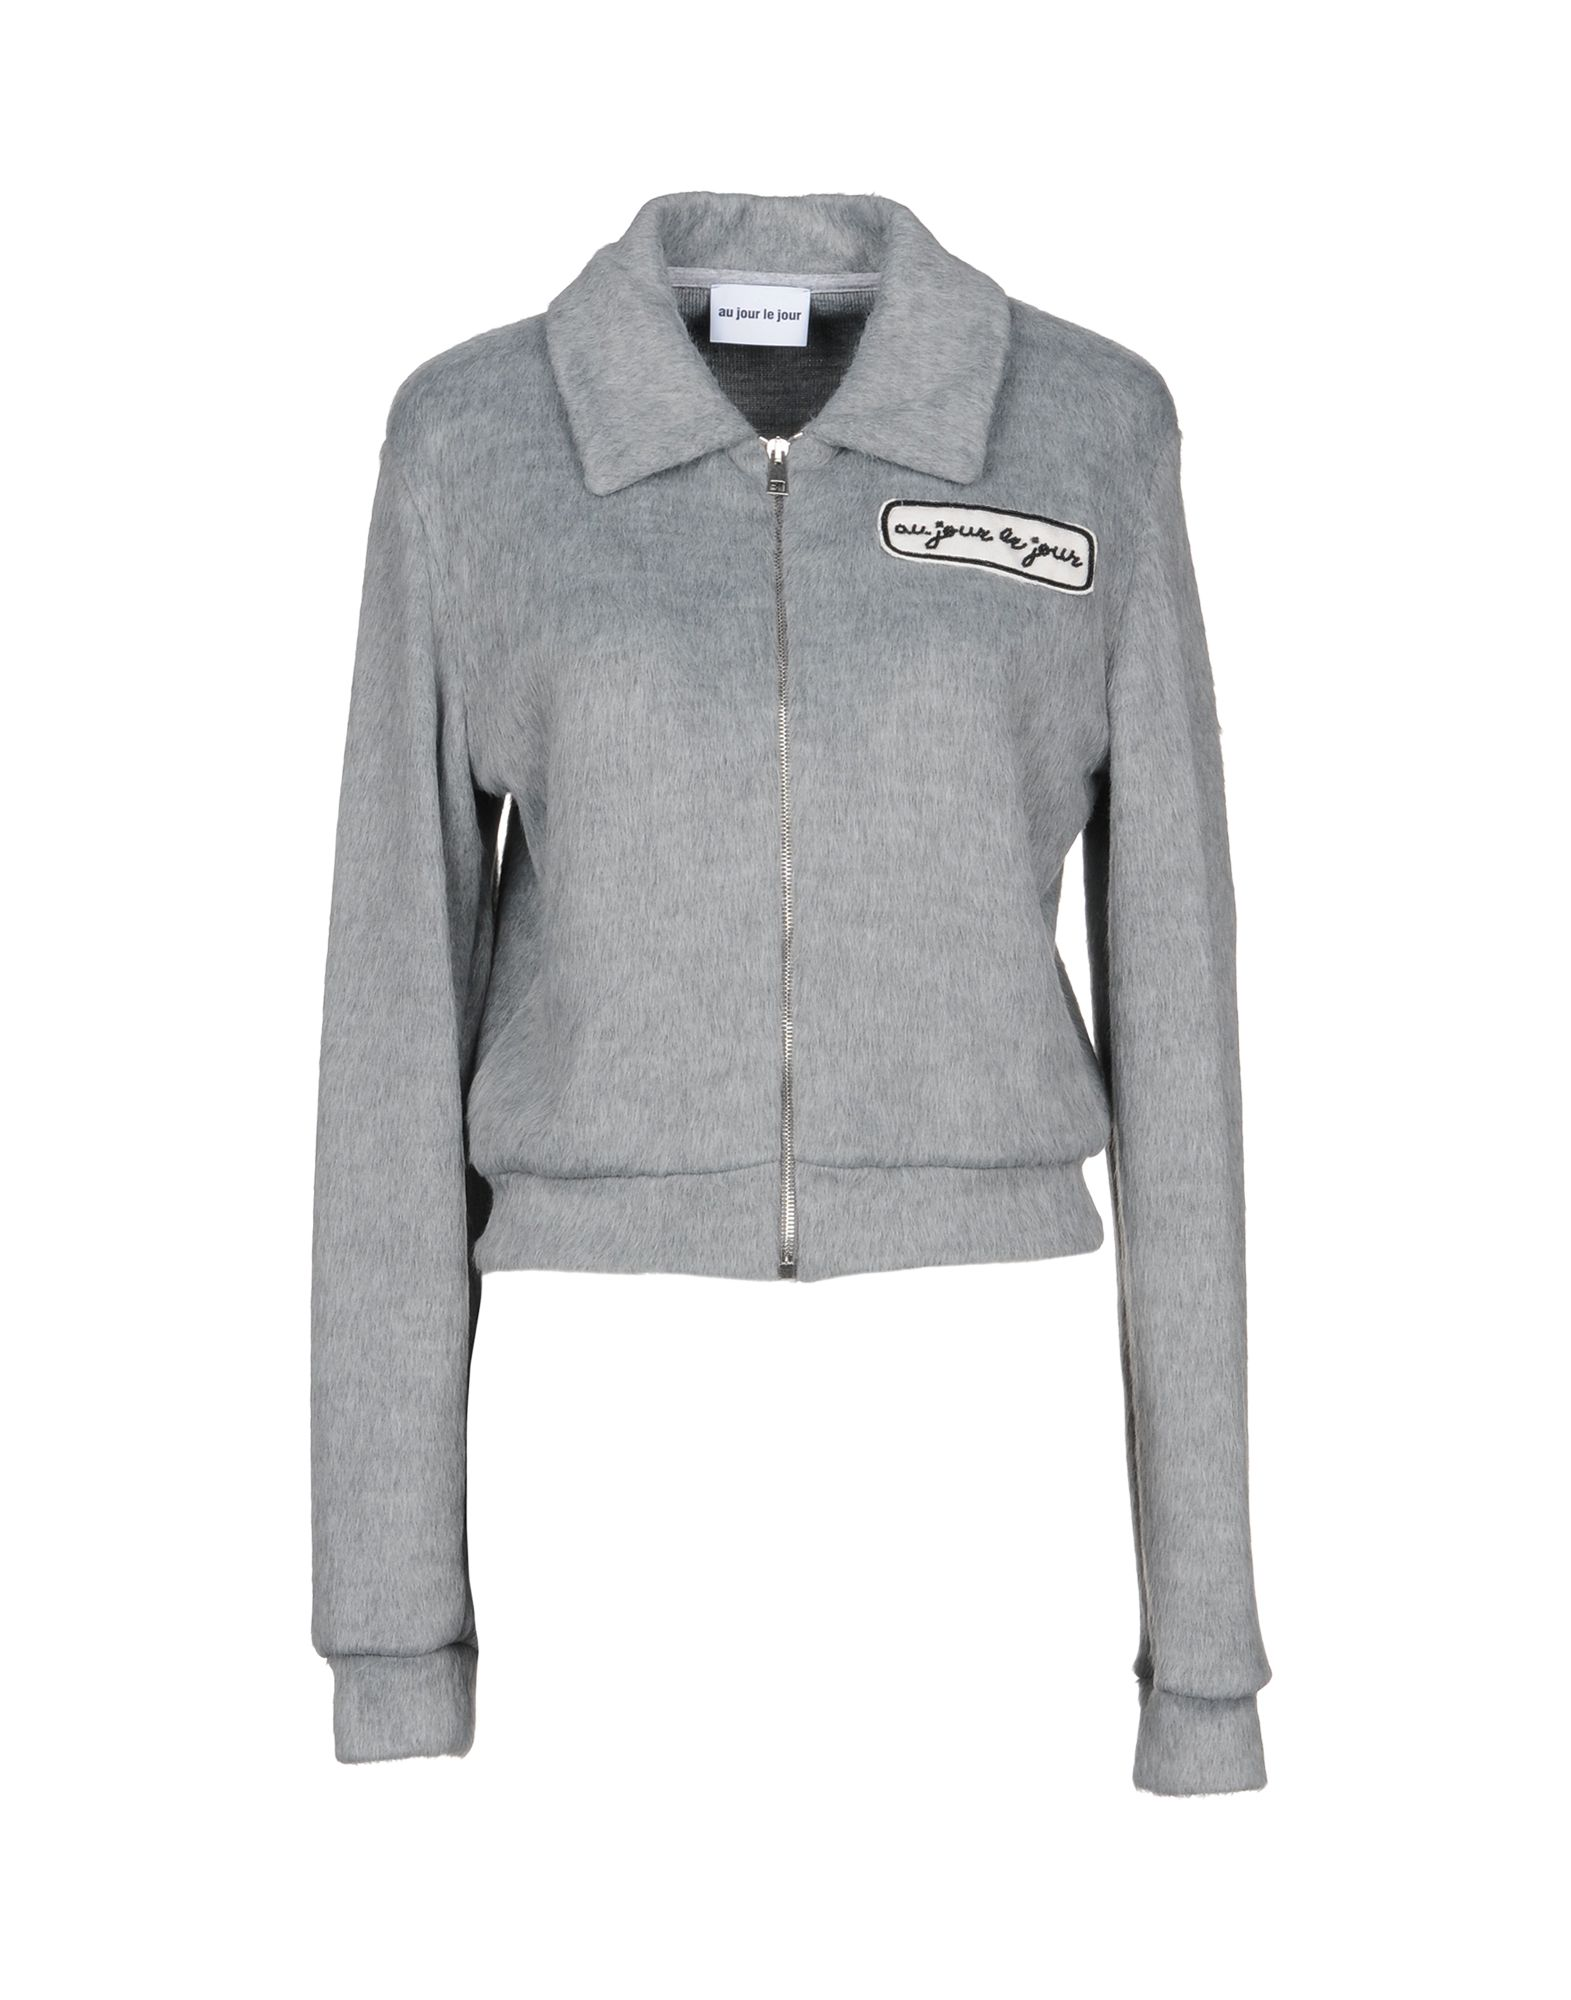 AU JOUR LE JOUR Jacket in Grey